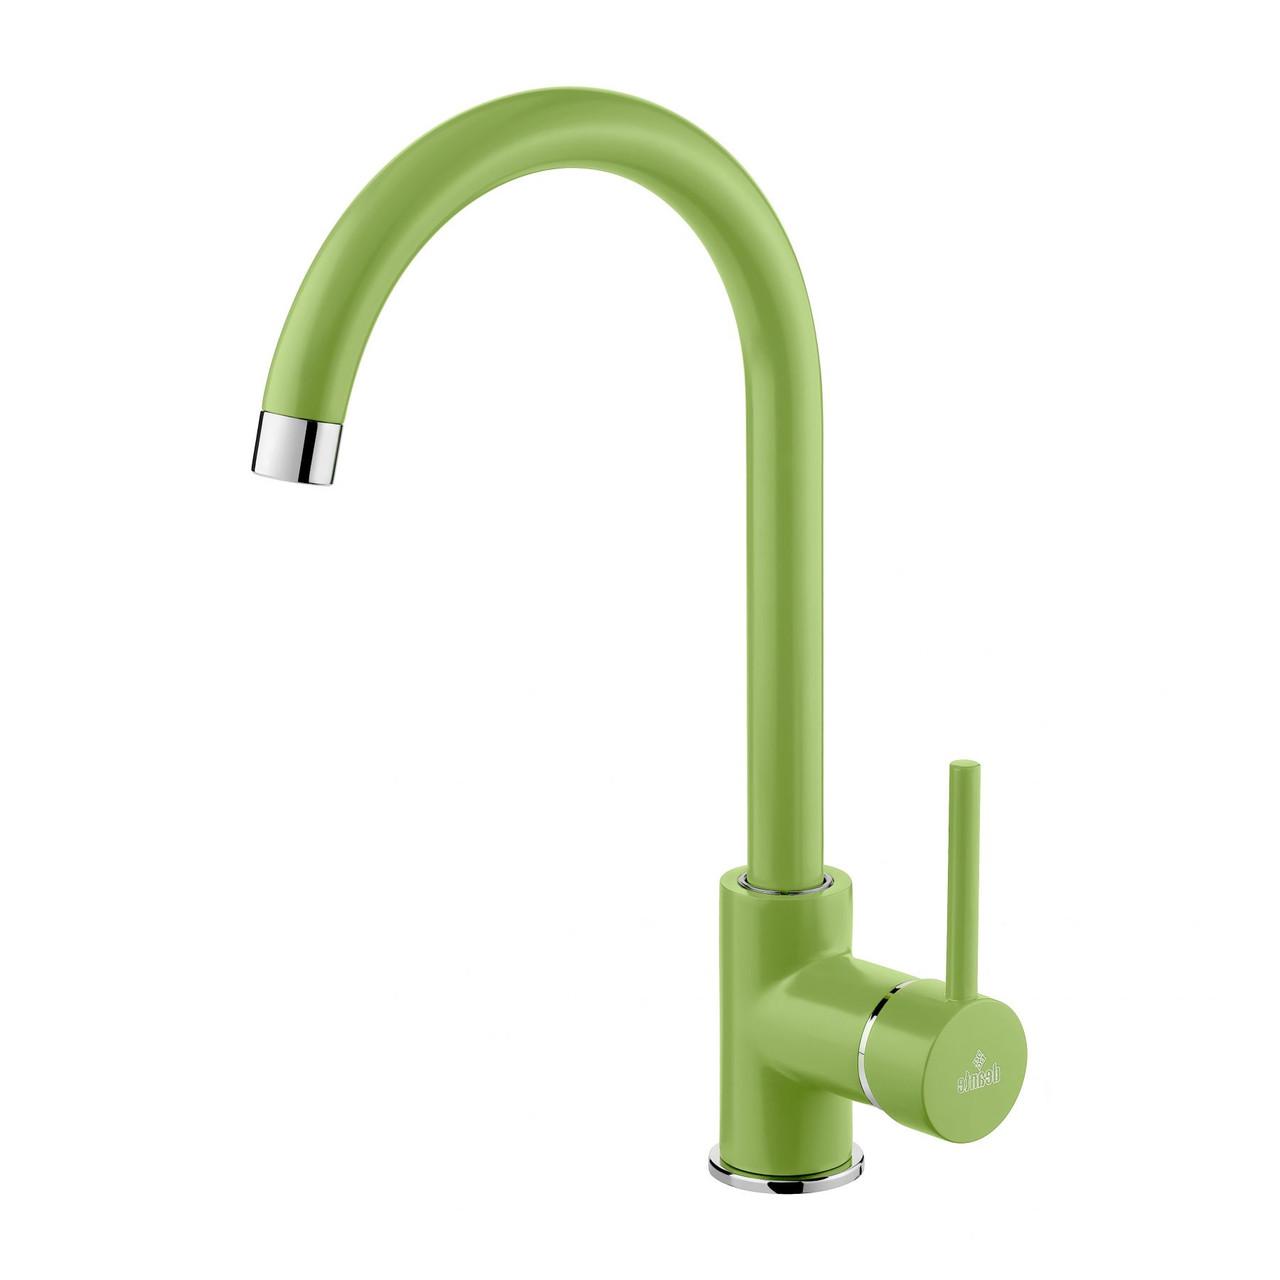 Cмеситель для мойки Deante MANGO, стоячий з изливом U, зеленый